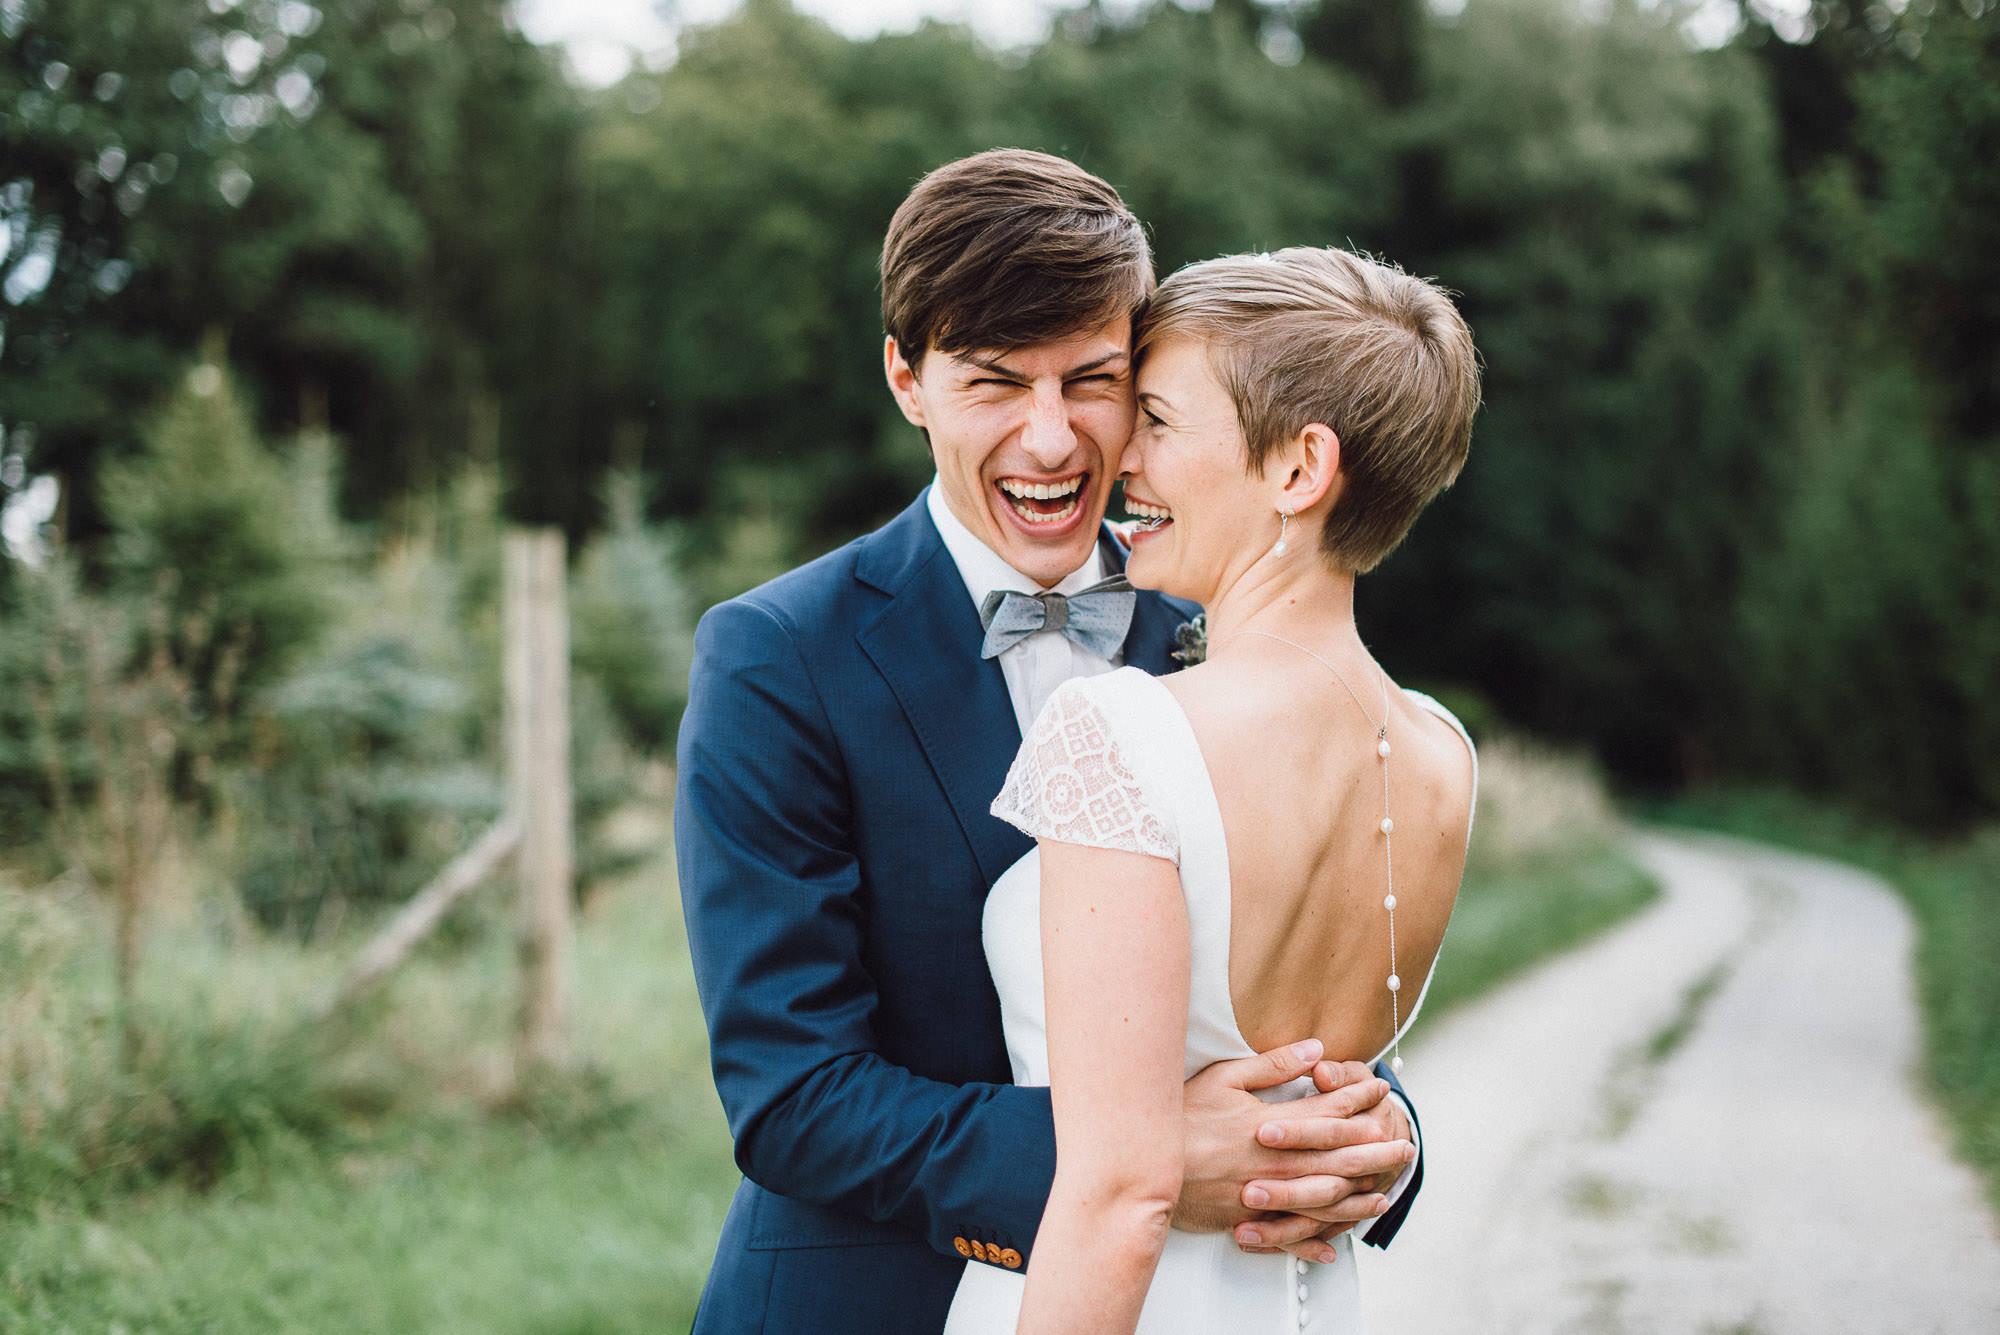 greenery-wedding-hochzeit-prielhof-sukkulenten-scheyern-lauraelenaphotography-028